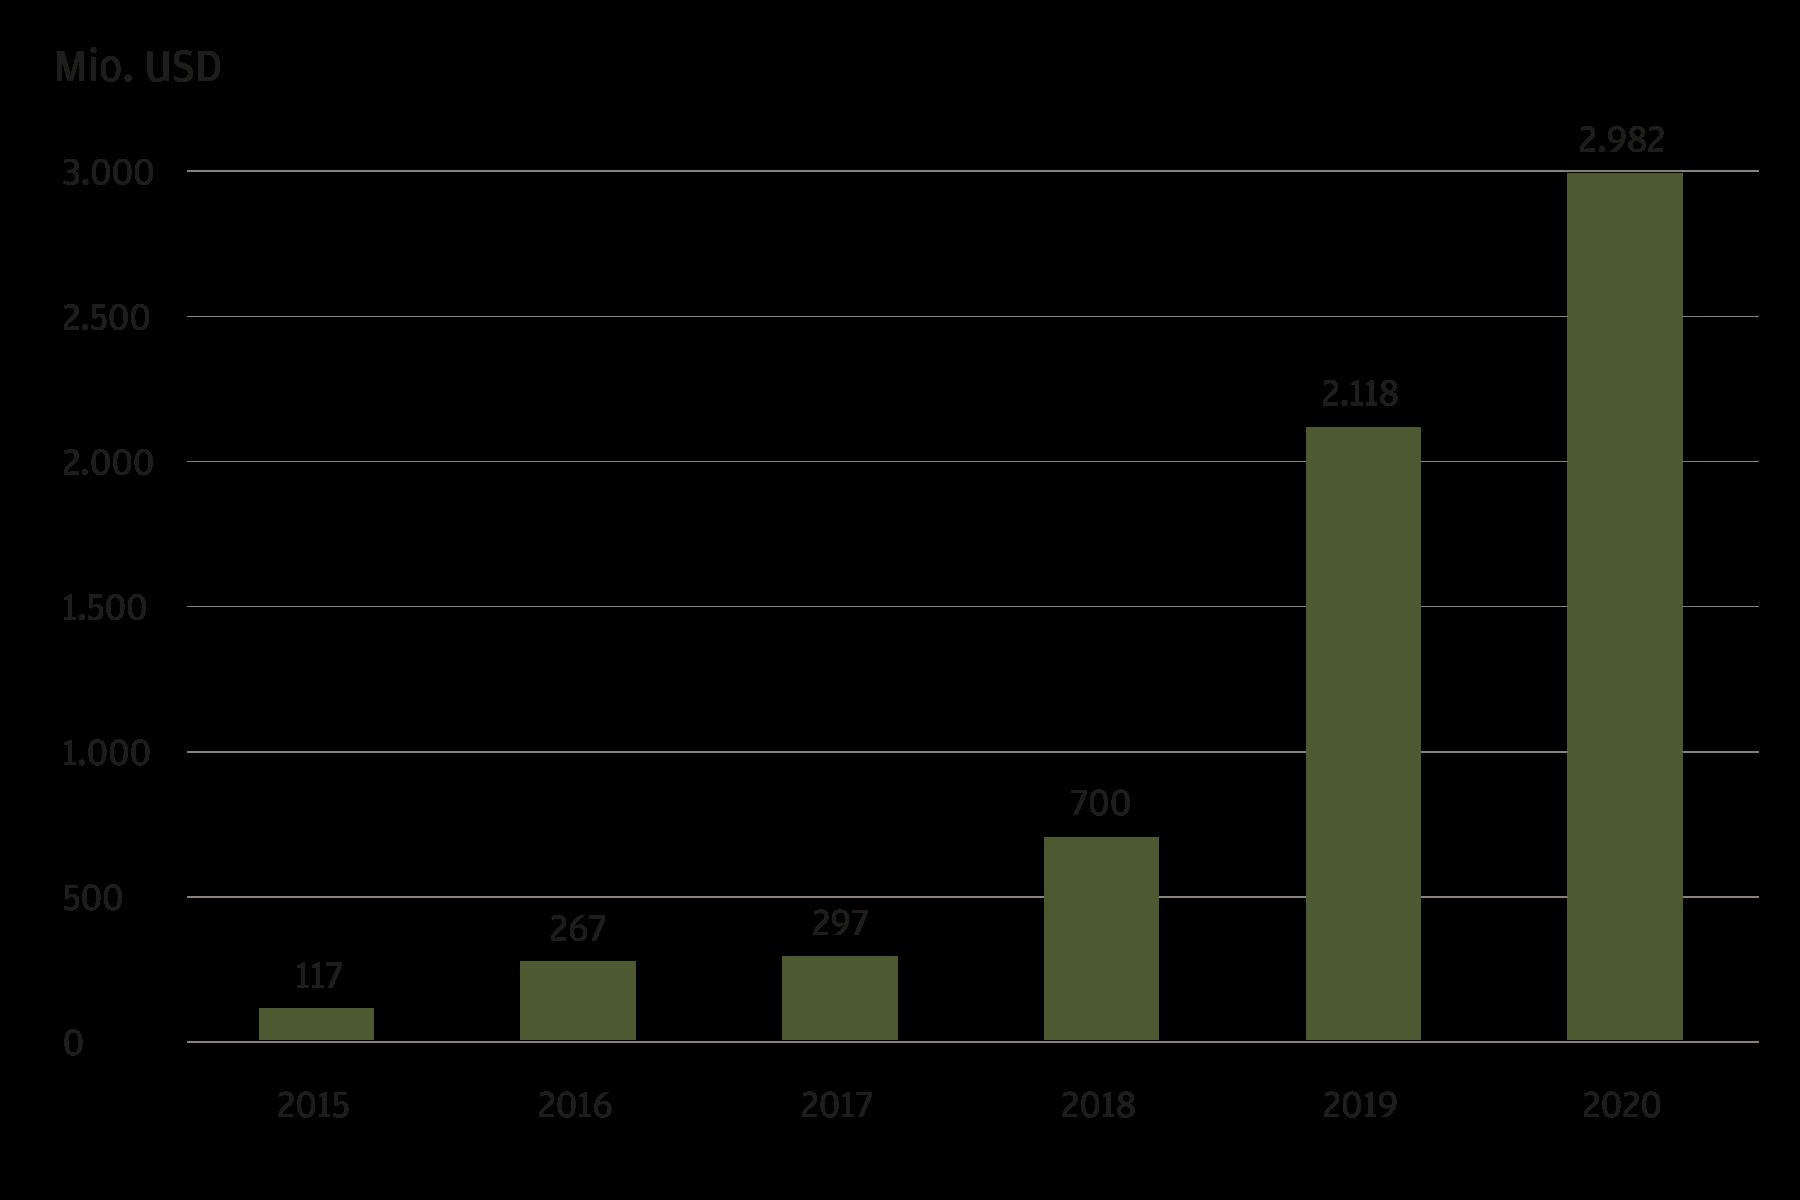 Diese Grafik zeigt die jährlichen Fintech-Finanzierungen in Lateinamerika von 2015 bis 2020 in Millionen US-Dollar. Seit 2015 haben sich die Fintech-Finanzierungen jedes Jahr erhöht. 2015 belief sich der Betrag auf 117 Mio. USD. Das letzte in der Grafik dargestellte Jahr ist 2020, als Fintech-Finanzierungen in Höhe von 2,982 Mrd. USD bereitgestellt wurden.